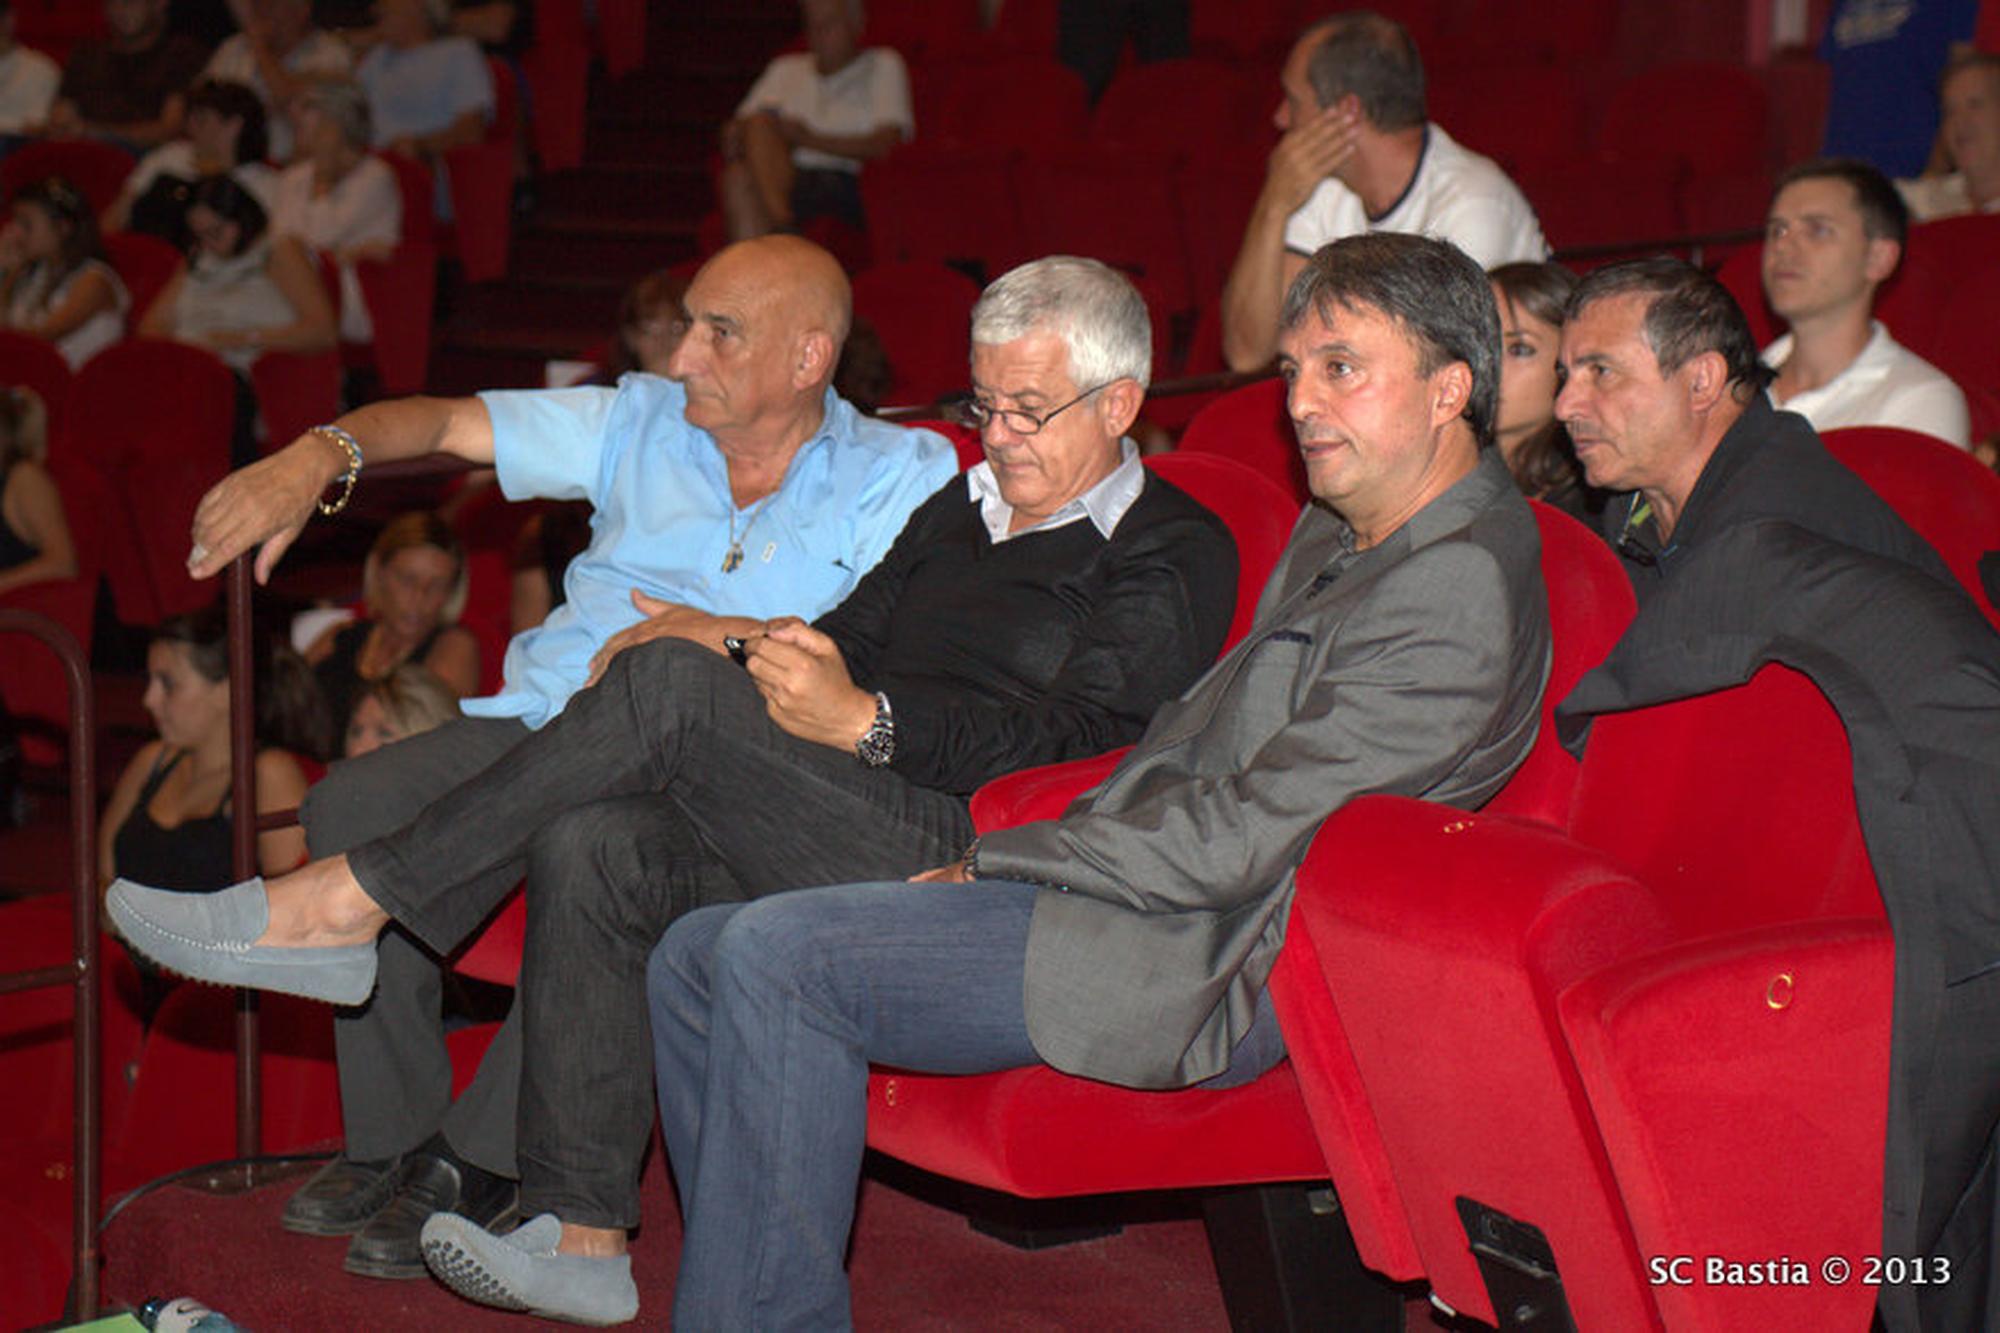 acv.theatre